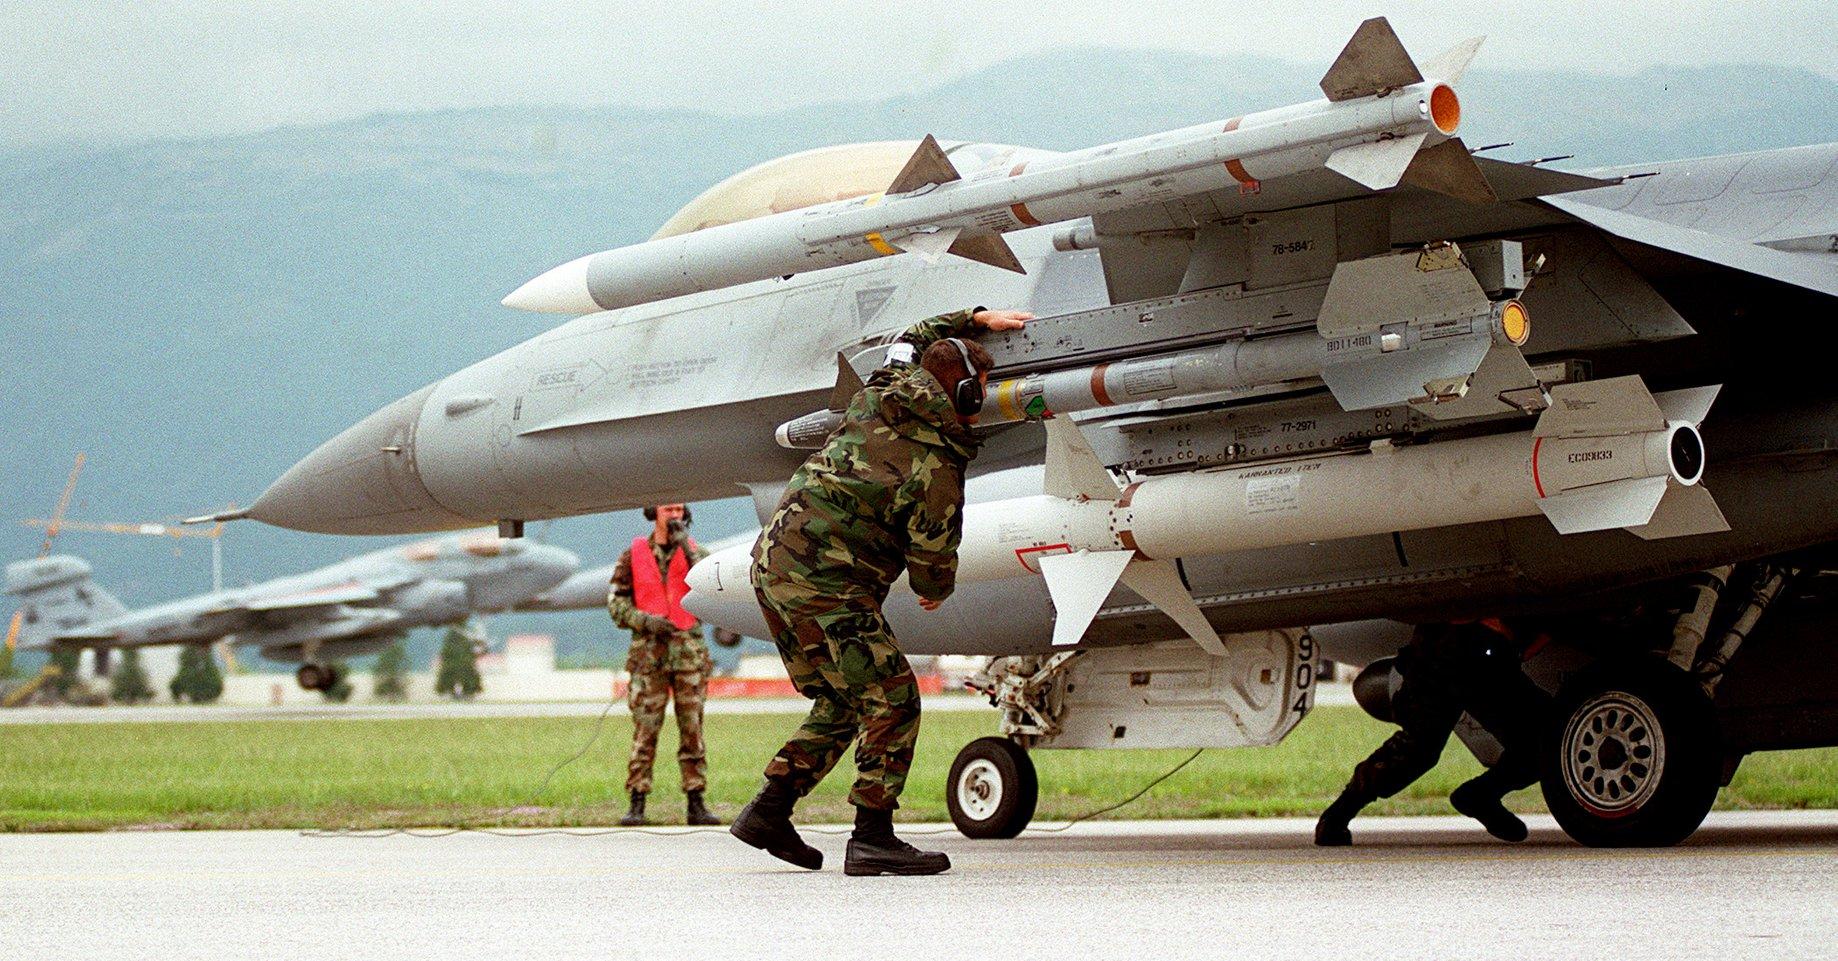 F-16CJ Blok 50 bio je naoružan za CAP (Combat Air Patrol) i SEAD (Suppression of Enemy Air Defence) misije i mogao je da ih obe obavlja u jednom letu / Foto: USAF